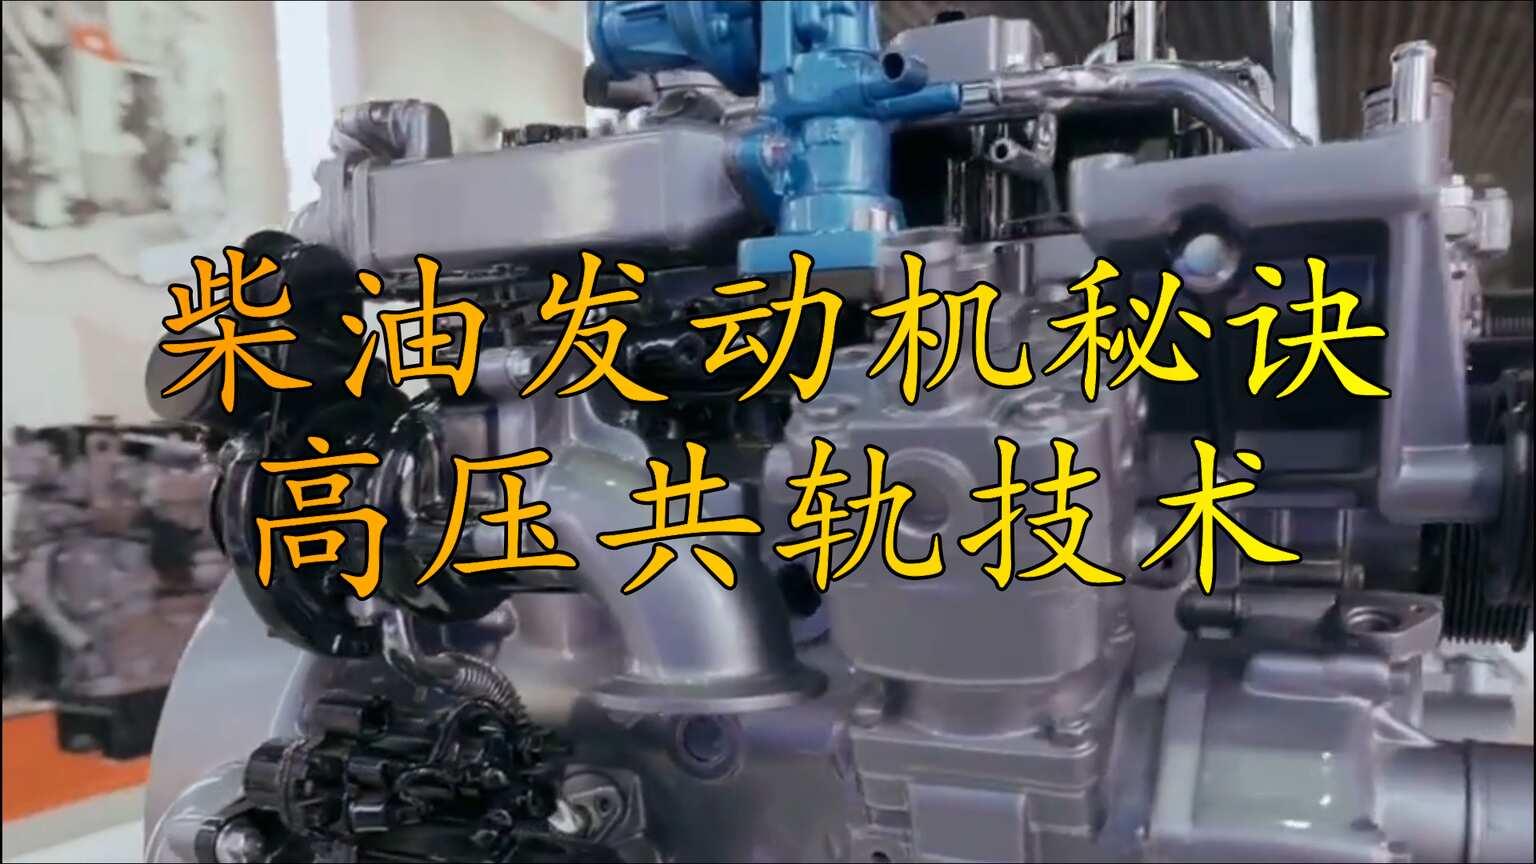 柴油发动机的秘密武器高压共轨技术,我国已攻克国外封锁技术